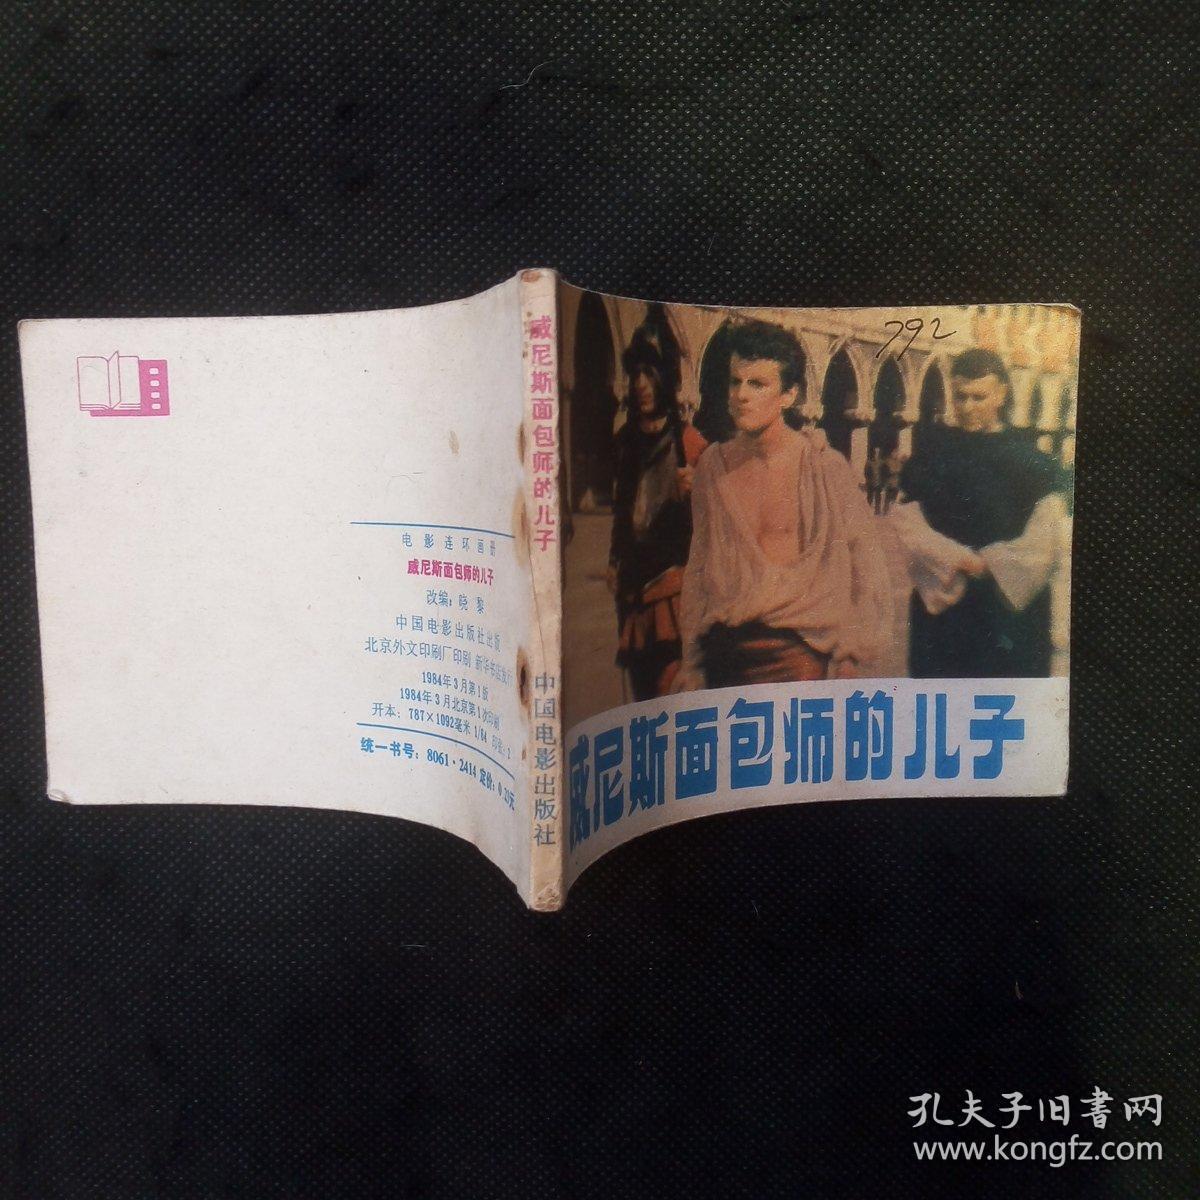 电影连环画:威尼斯面包师的儿子(上海电影制片厂译制)